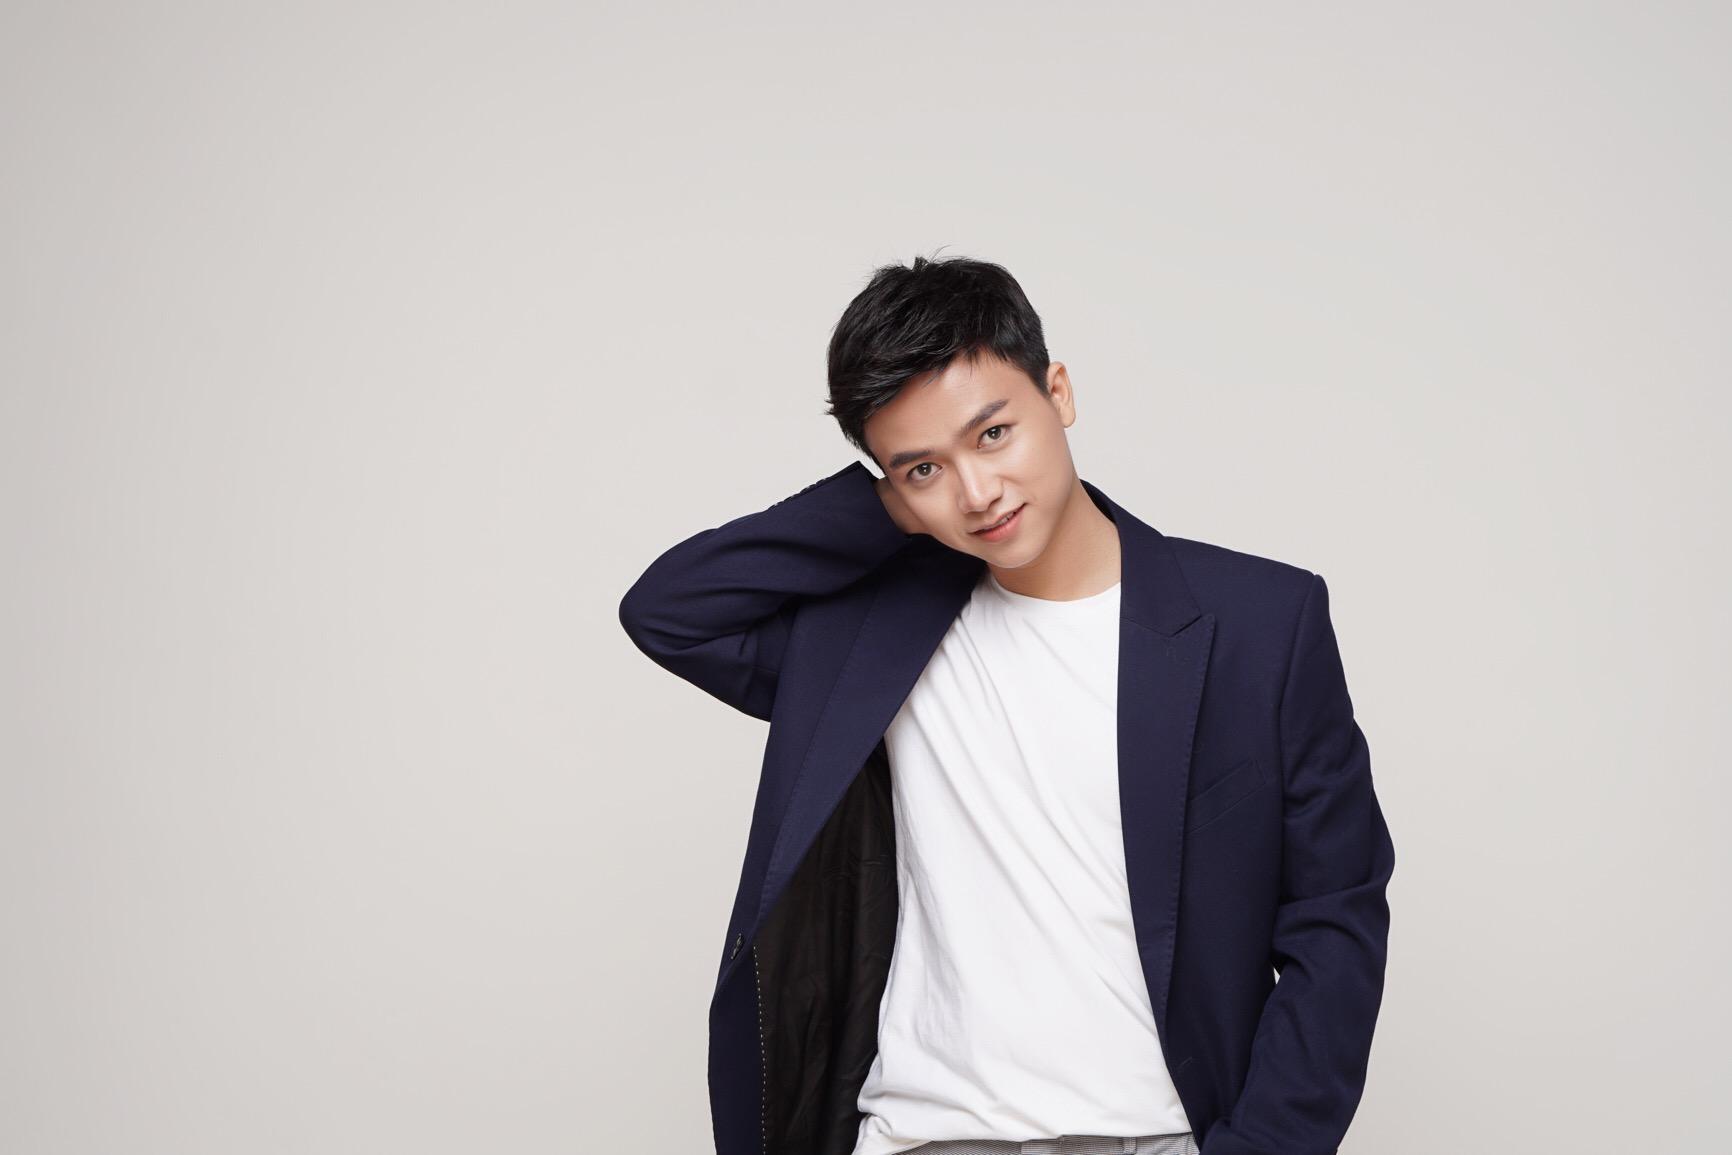 'Chí Phèo' Bùi Công Nam nói về vấn đề quấy rối tình dục trong showbiz: 'Tôi không muốn nổi tiếng theo cách đó' - Ảnh 2